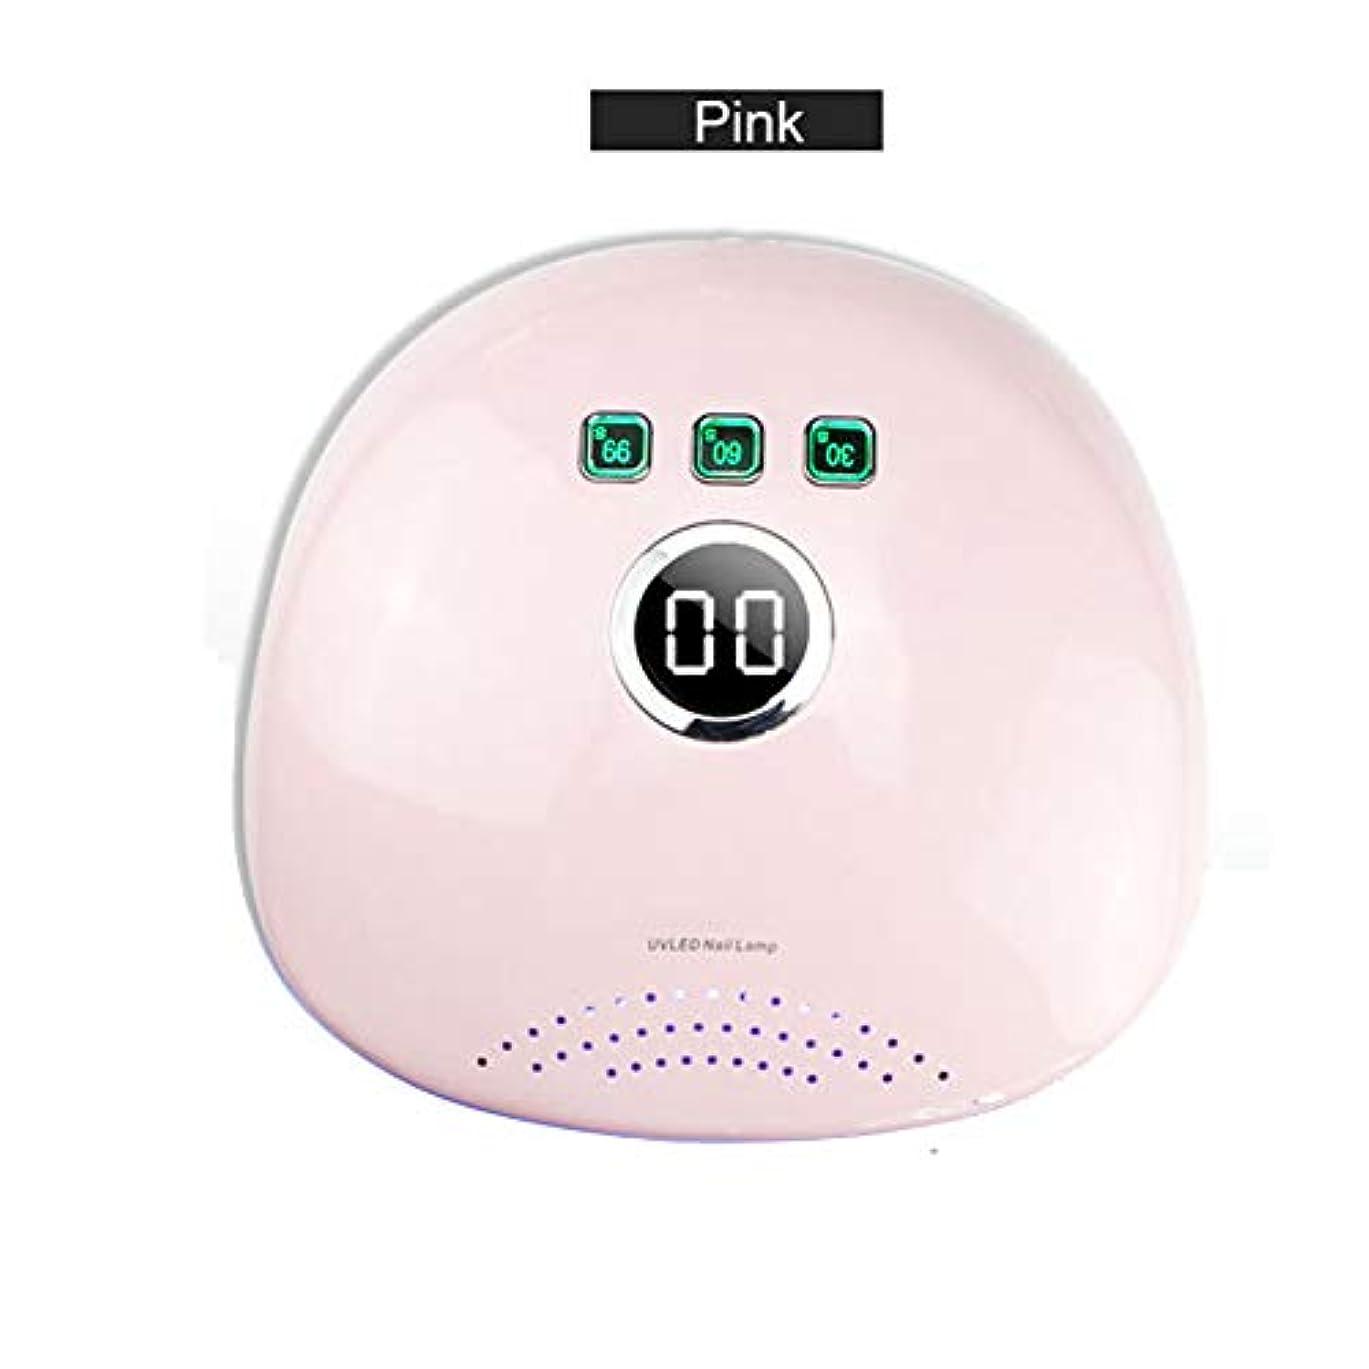 紫外線LEDの釘ランプ、ゲルのための48W専門の紫外線ランプは取り外し可能な基盤が付いている30/60 / 99sタイマーの二重ライトモードを釘付けします,Pink